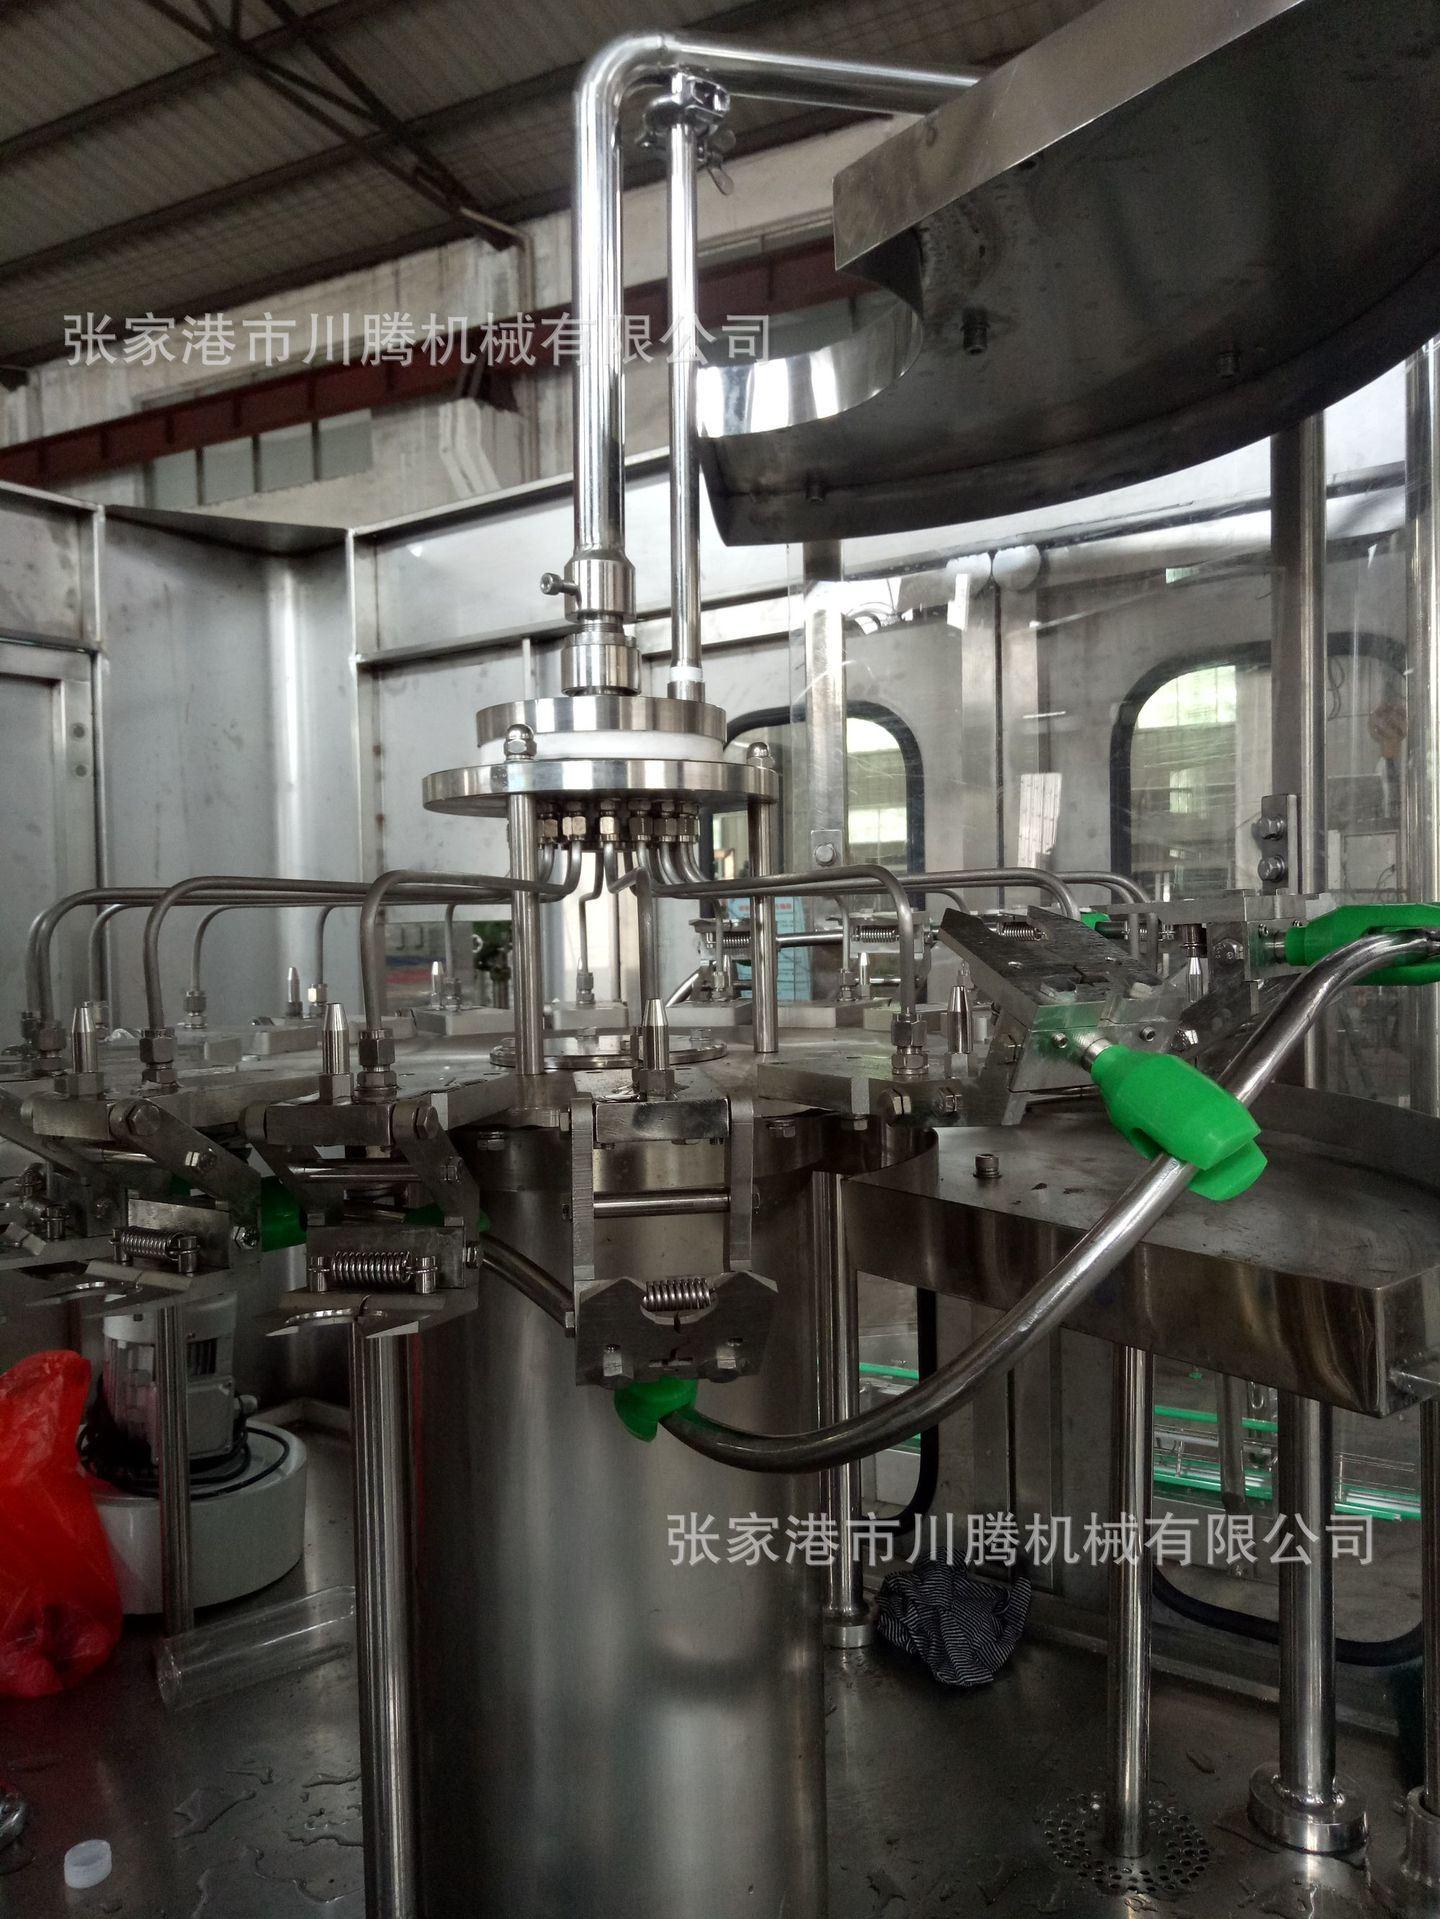 18-18-6矿泉水灌装机内部构造.